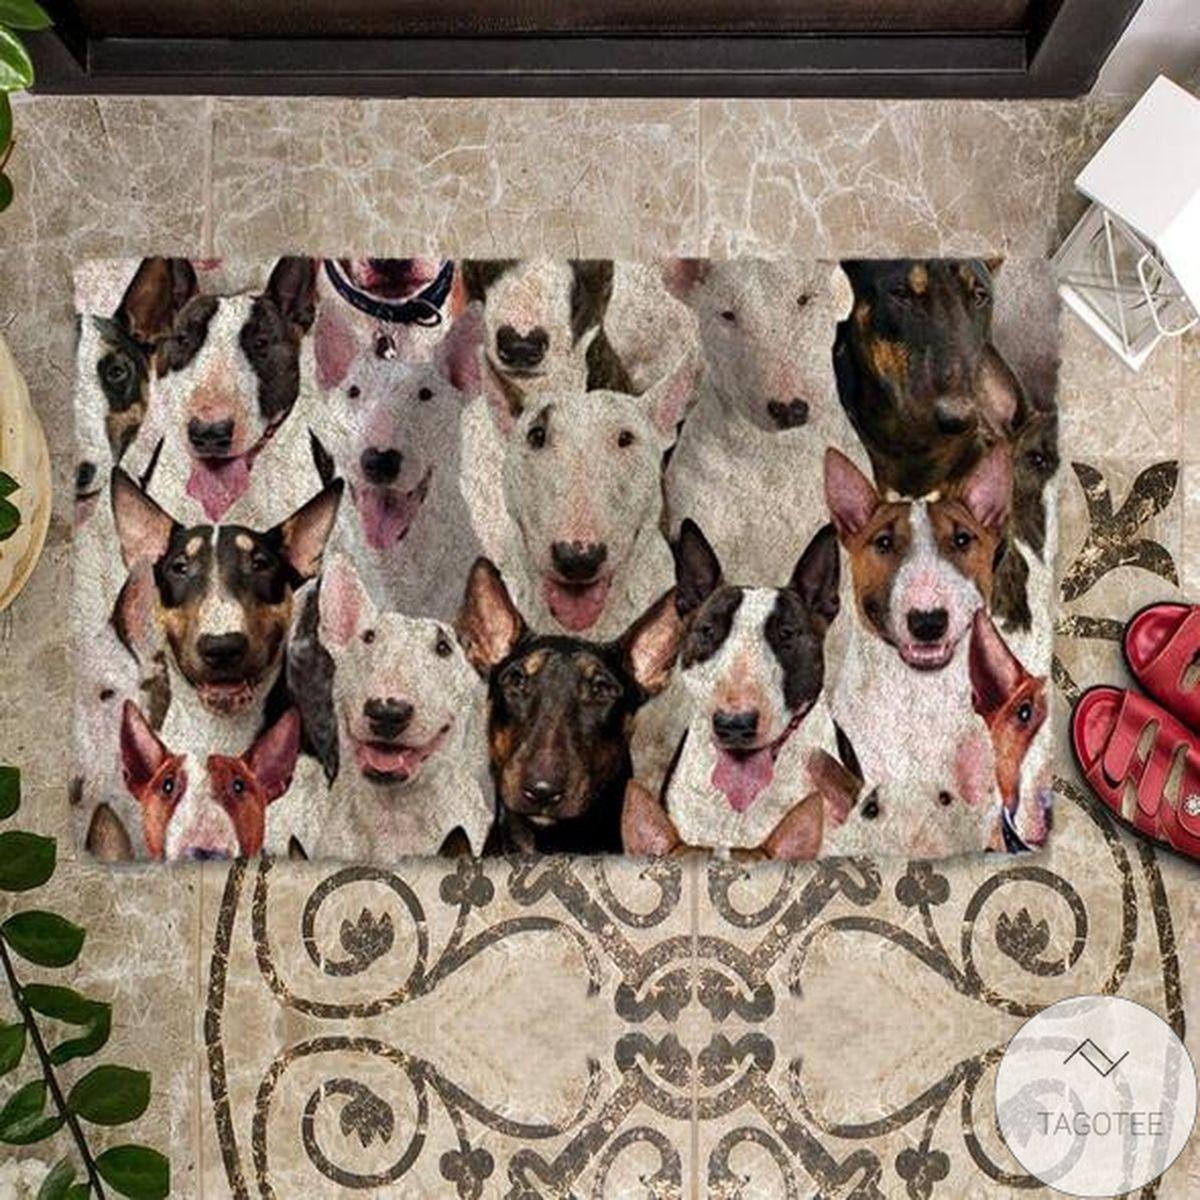 Free A Bunch Of Bull Terriers Doormat